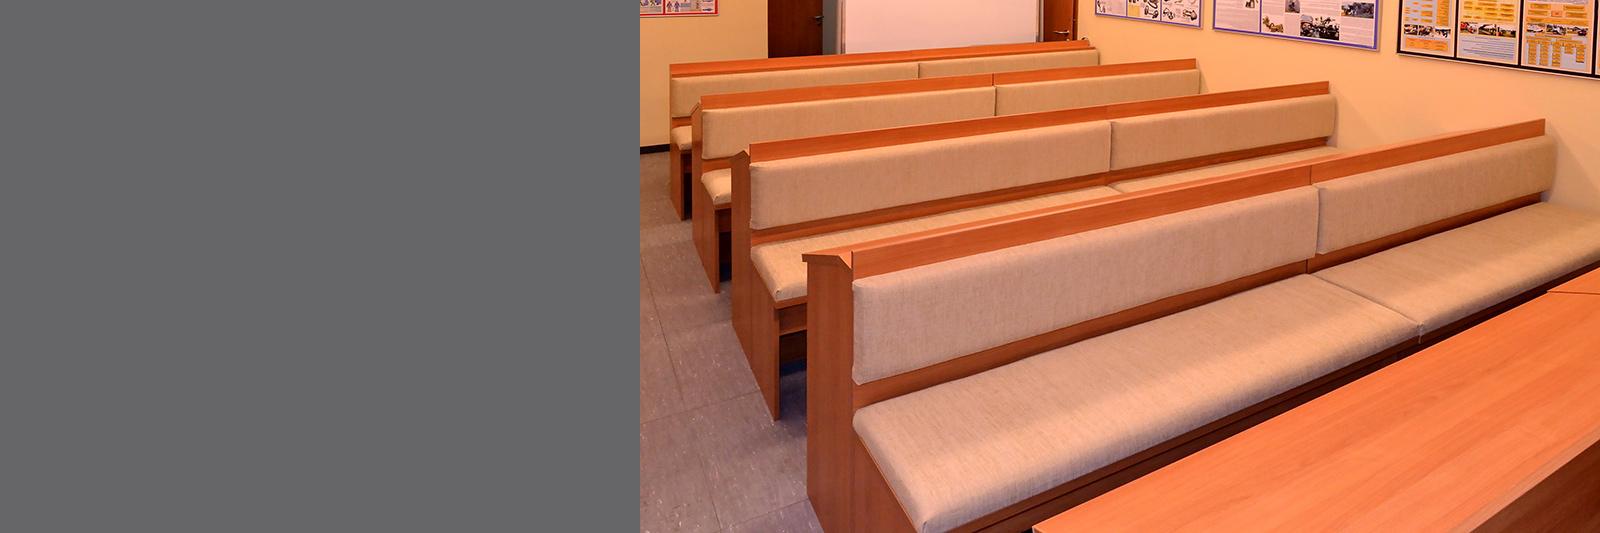 Столы парты с сиденьями по индивидуальному заказу